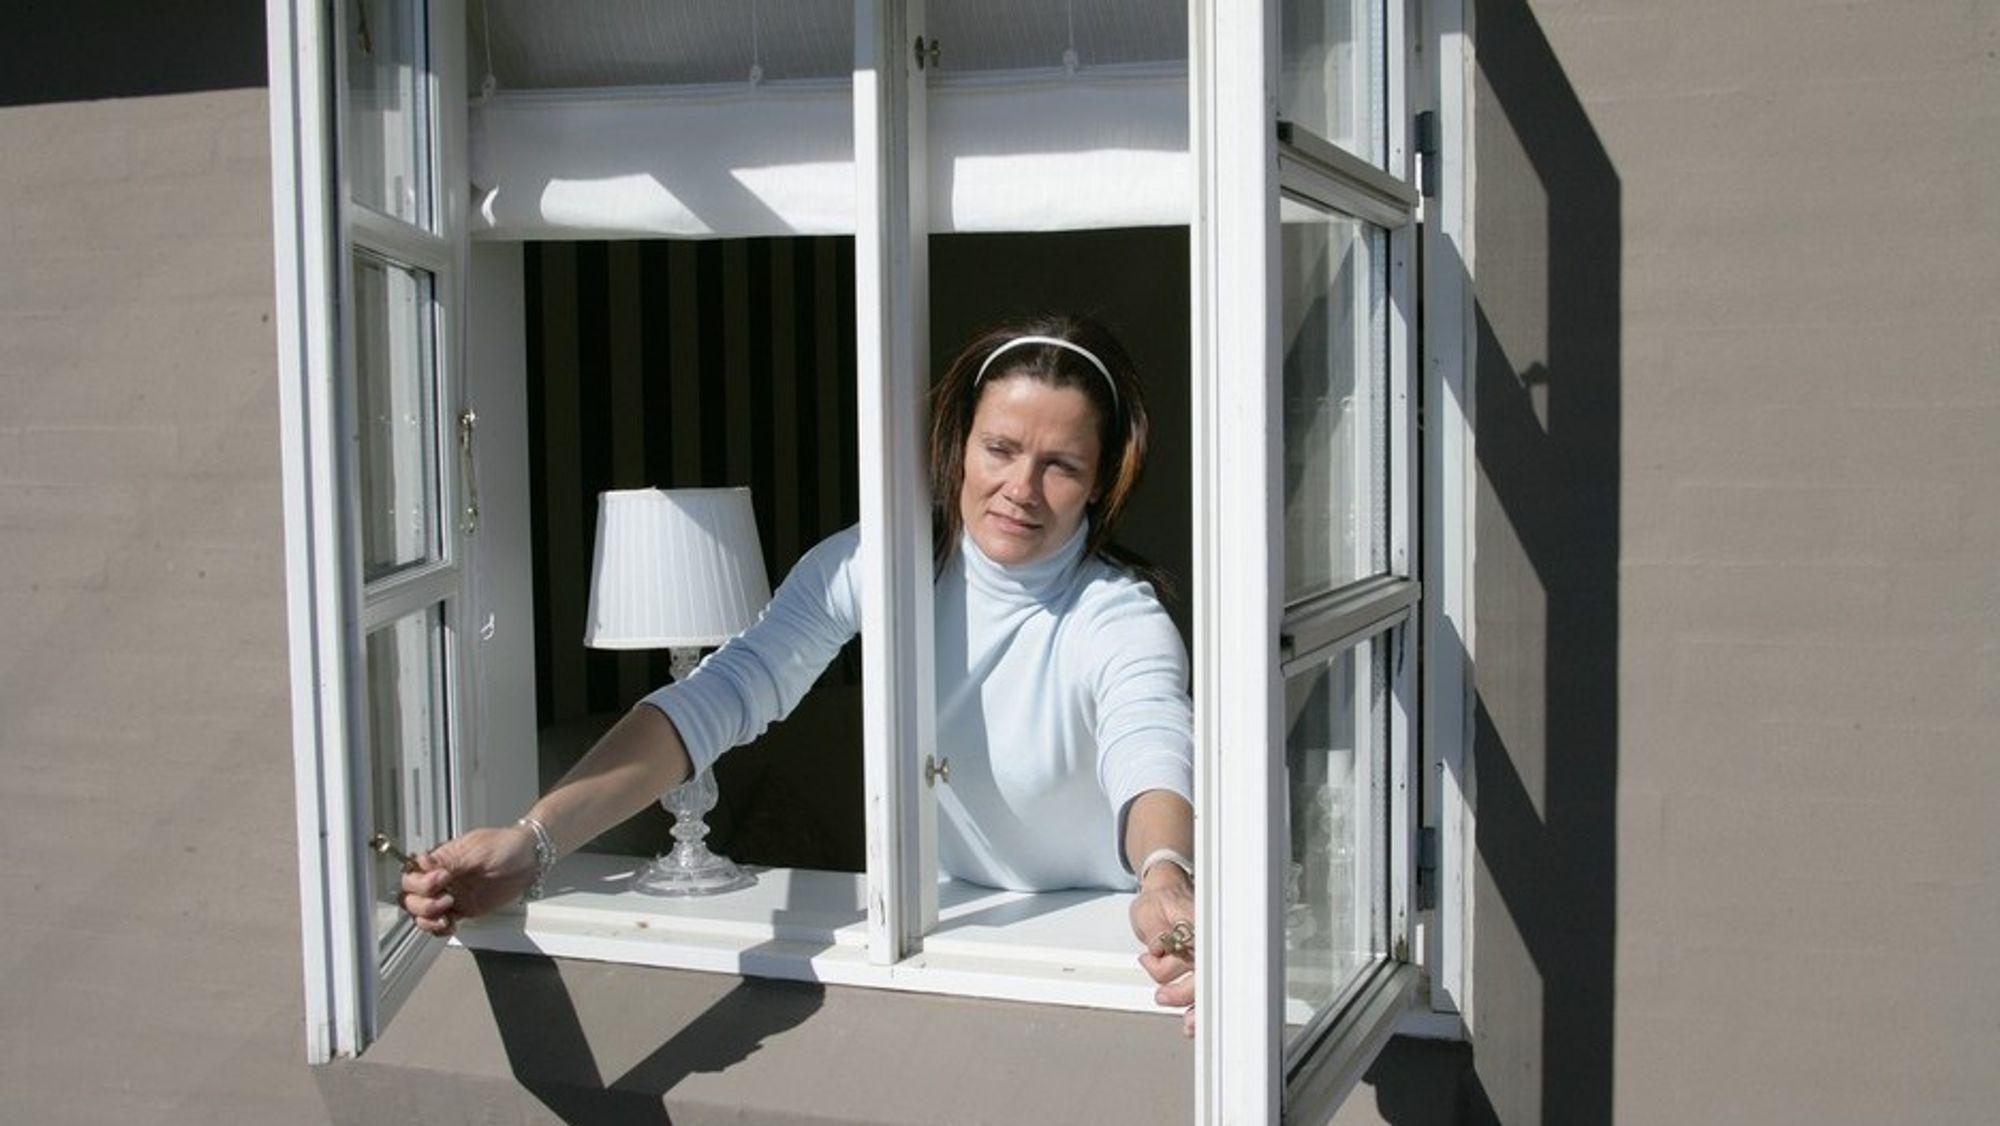 Forurenset luft og trekk er noen av grunnene til at Maria Justo Alonso er skeptisk til å la vinduene stå for ventilasjonen.